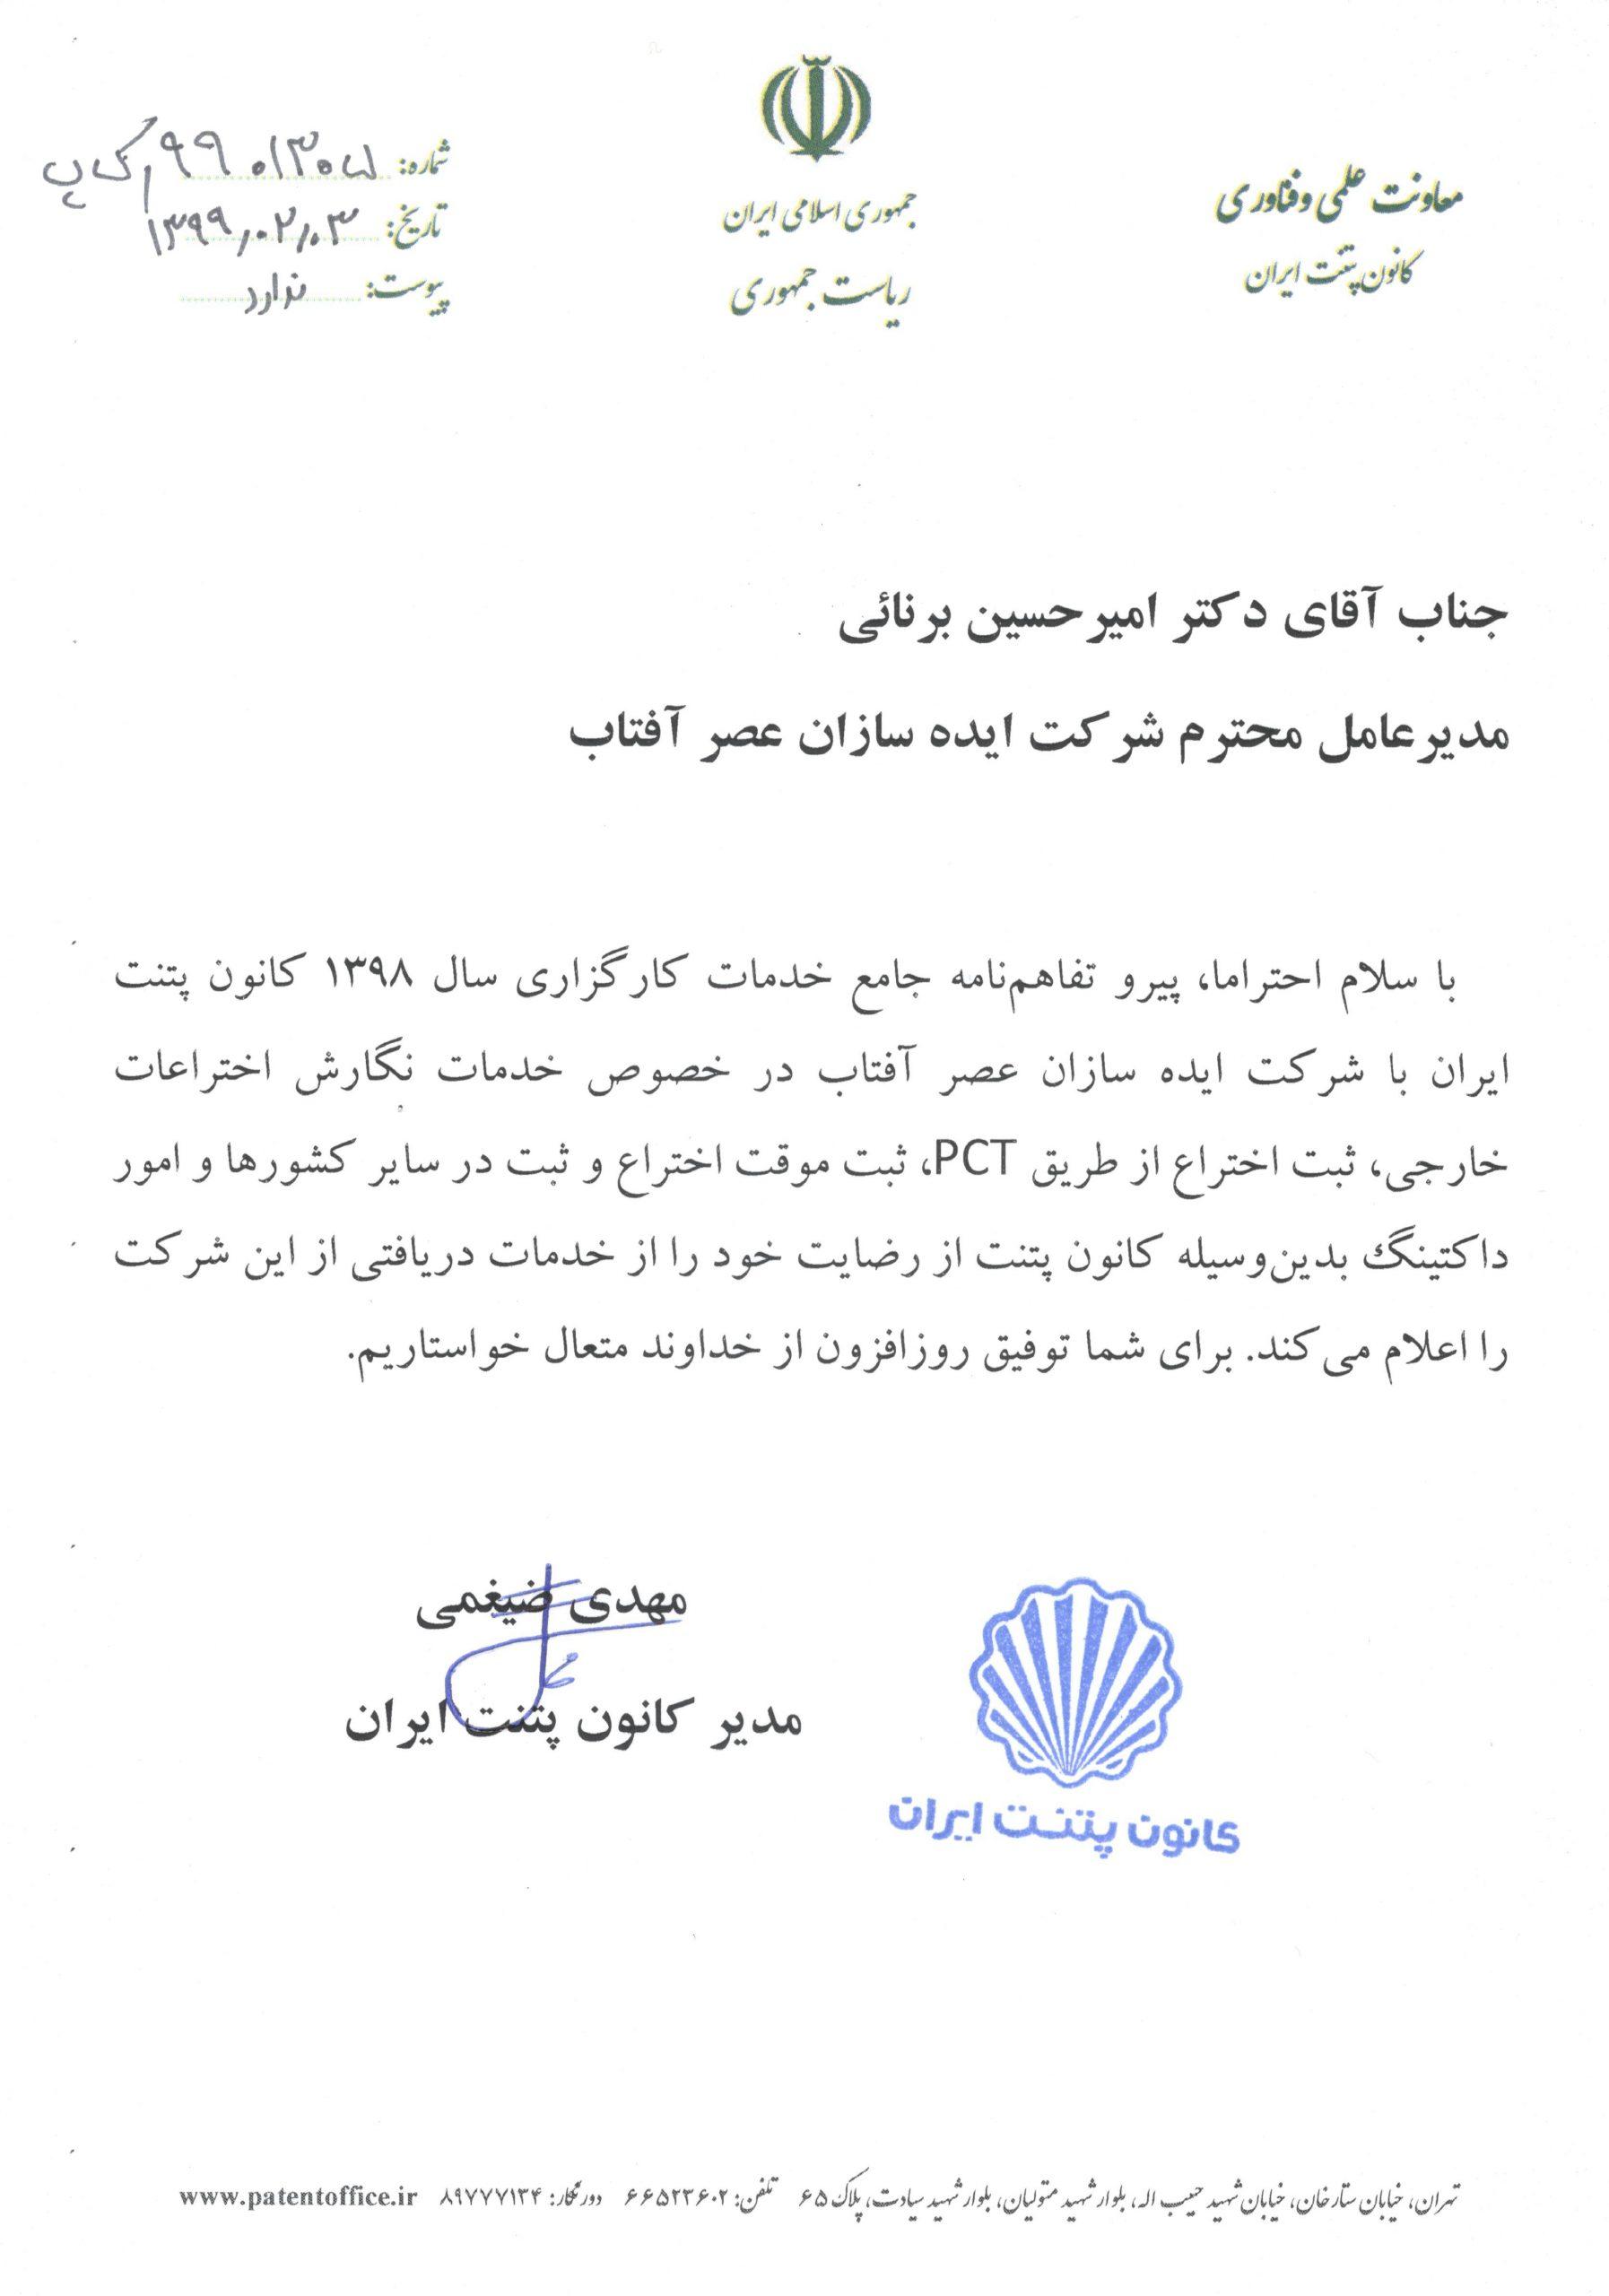 رضایت نامه کانون پتنت ایران - 1398